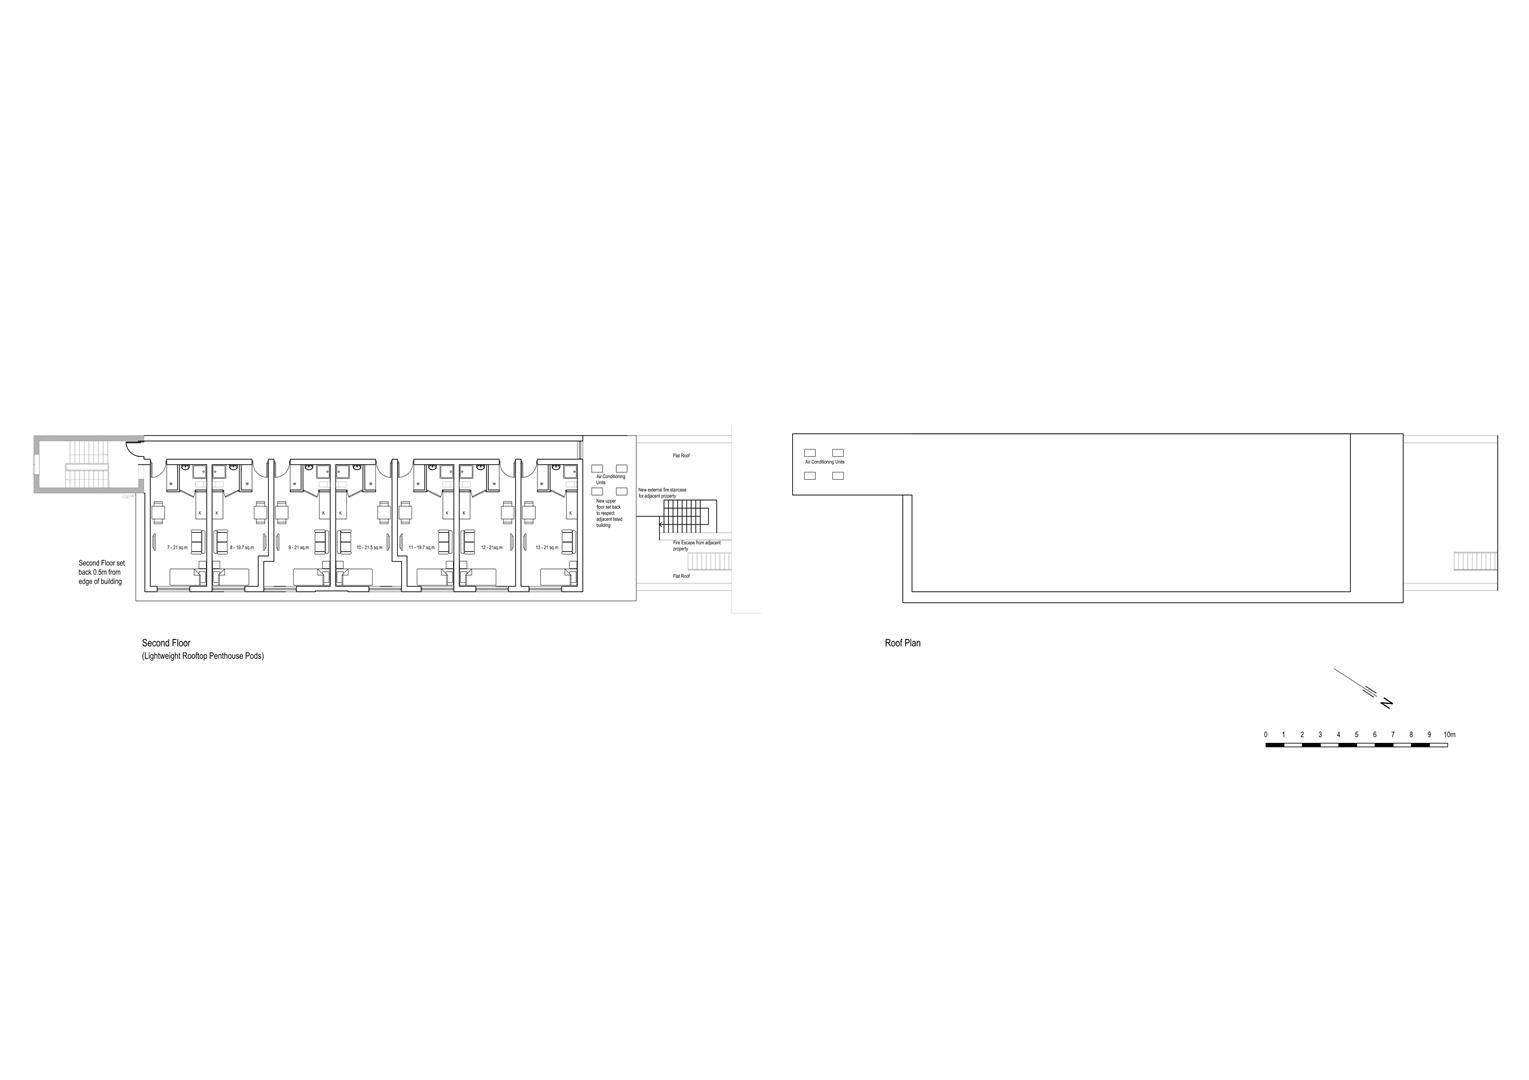 03 - Second_Floor - Roof Plan.jpg